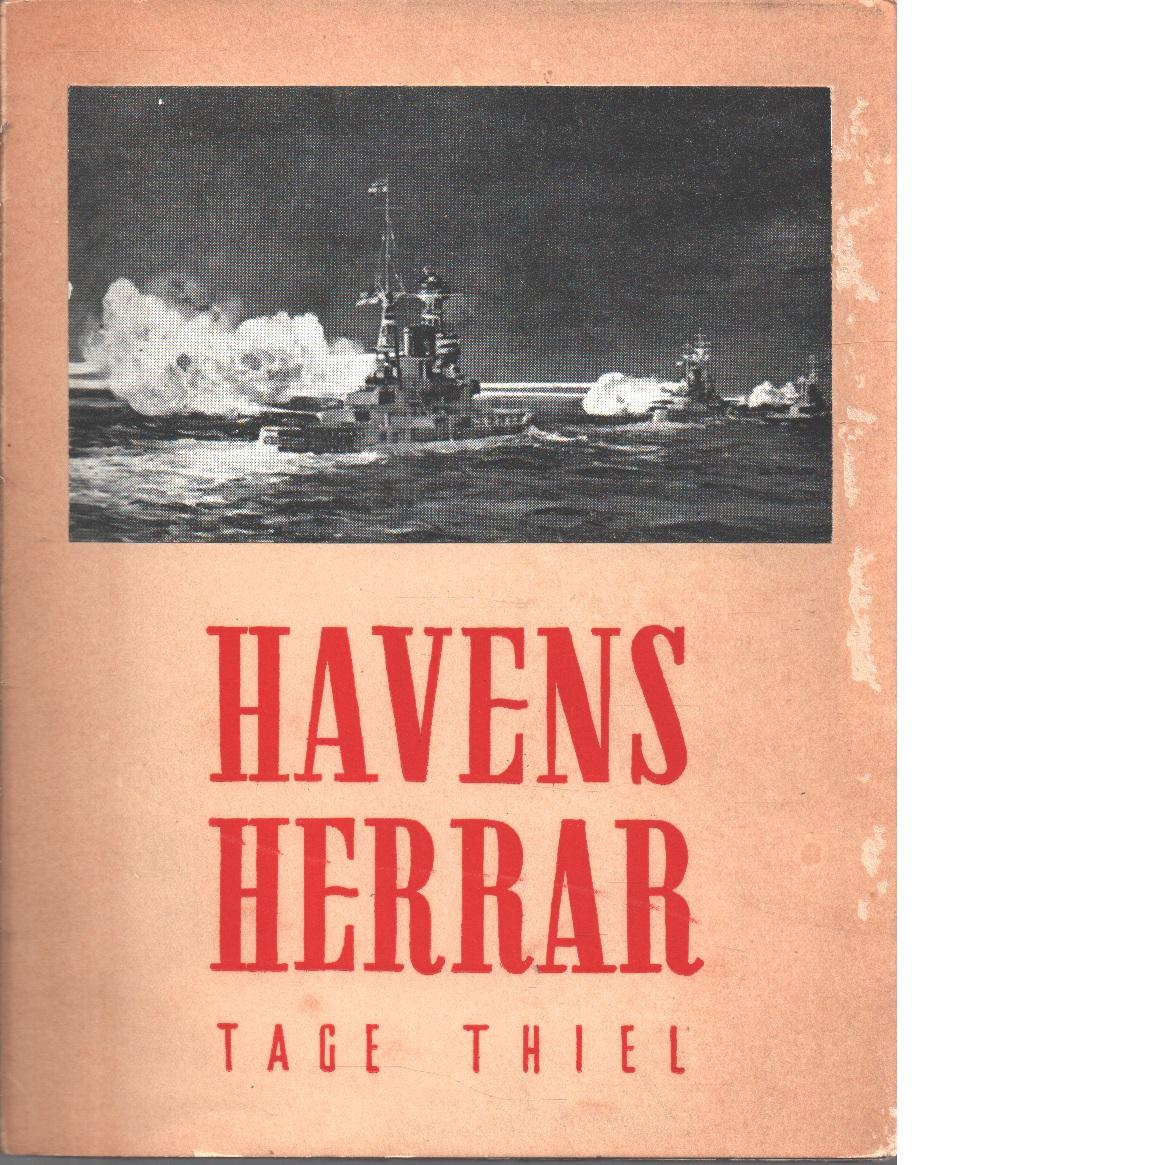 Havens herrar : ett epos om britternas sjömakt under andra världskriget - Thiel, Tage